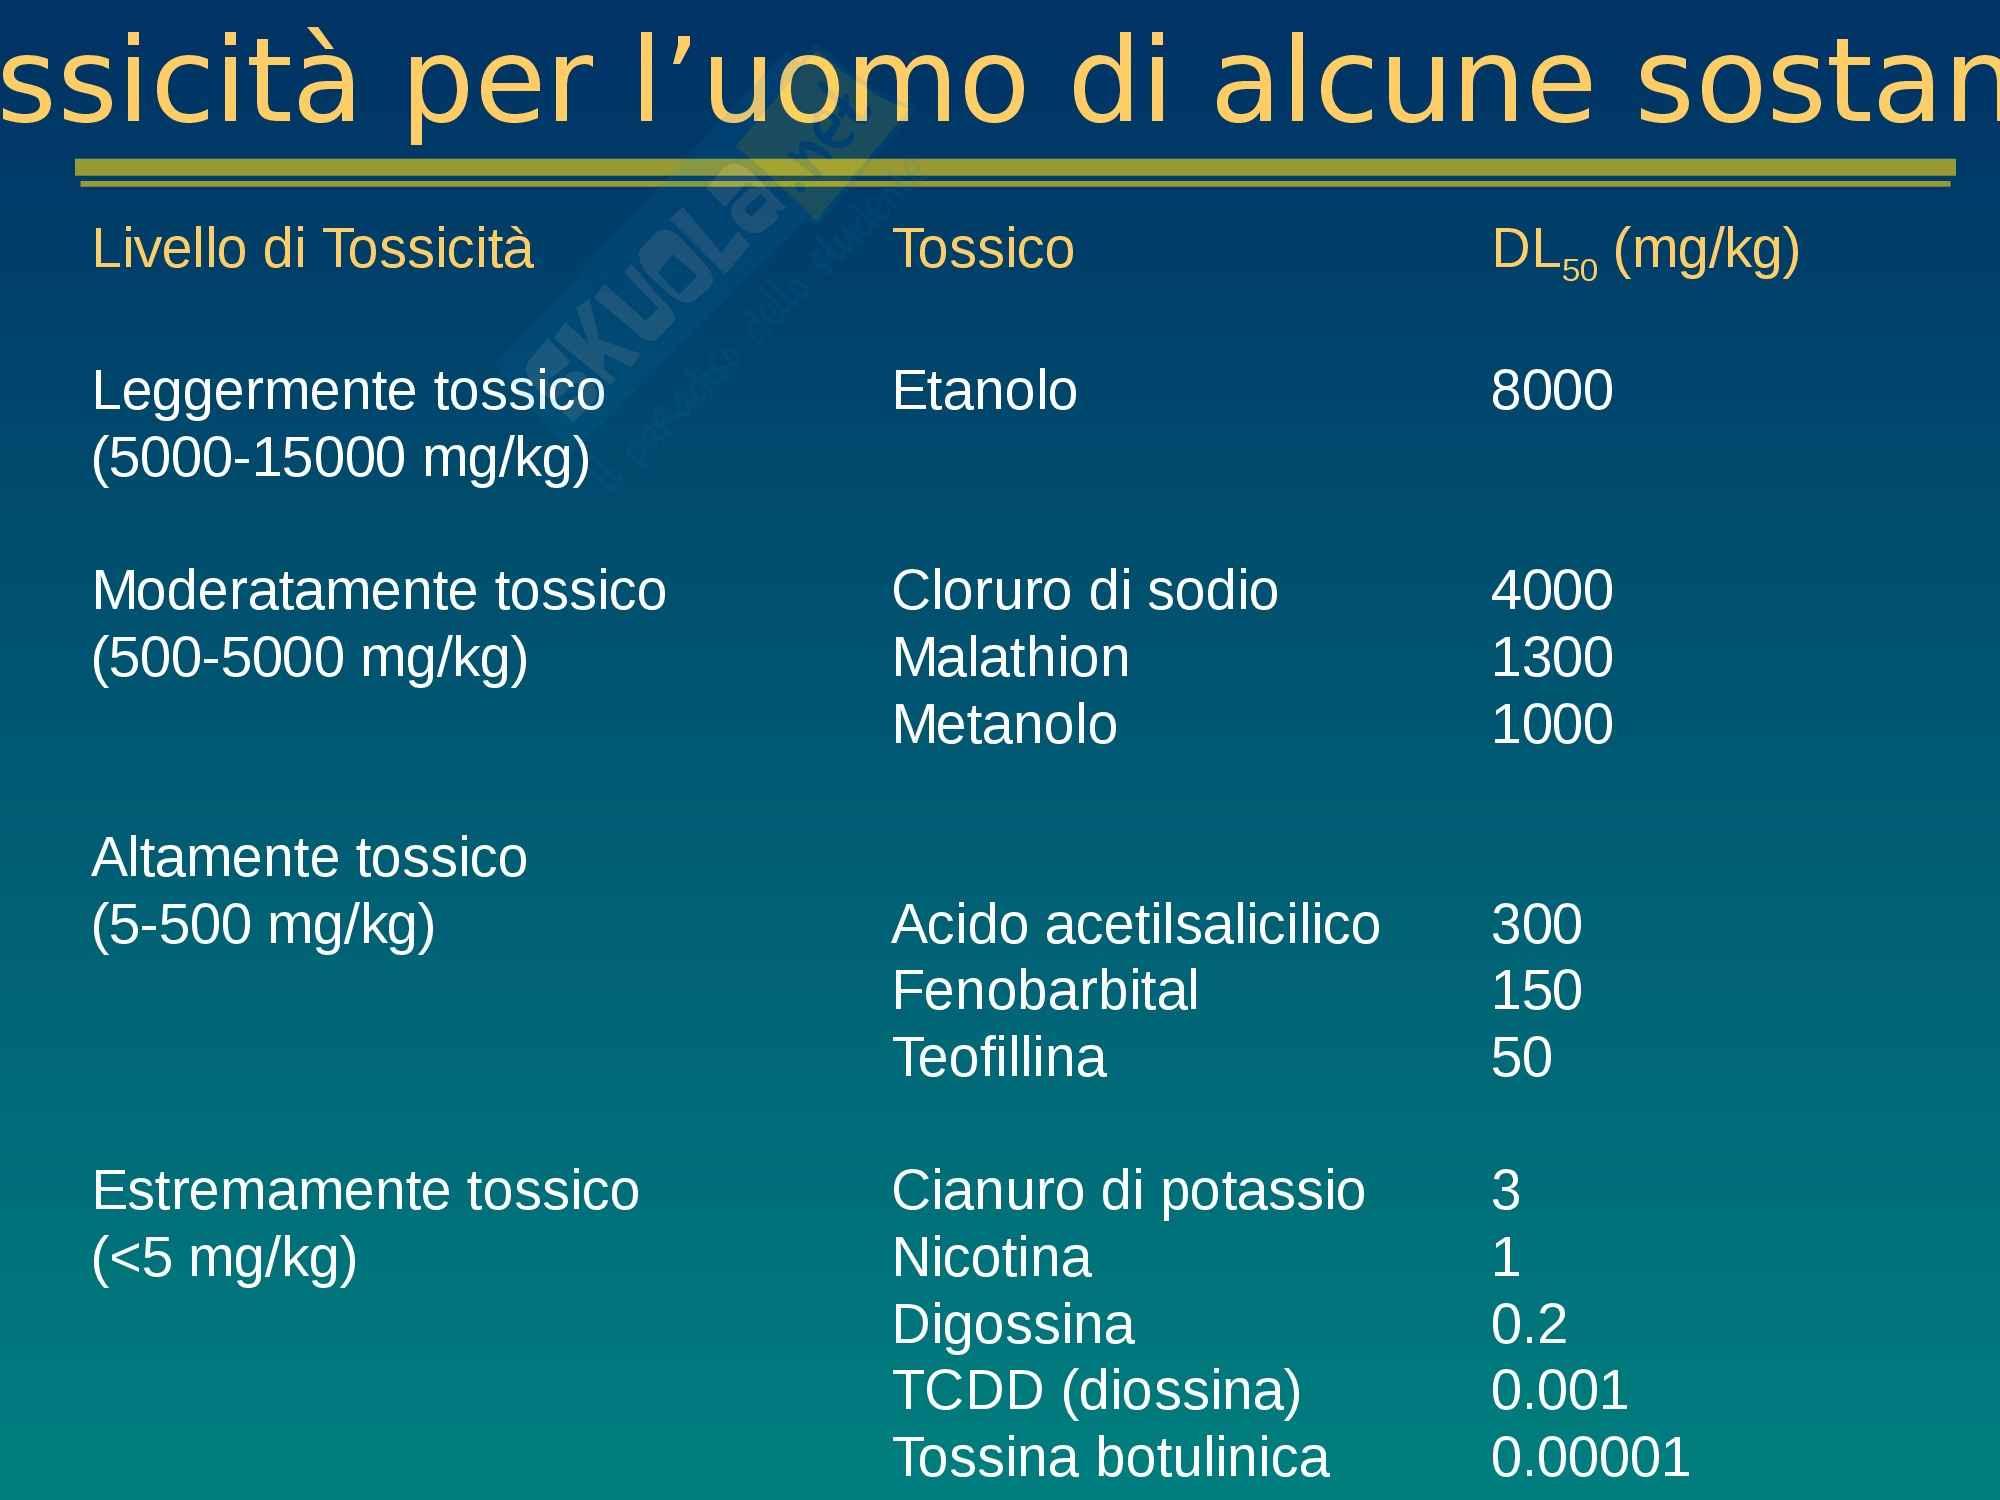 Tossicologia e mutagenesi ambientale, lezione 1 - Appunti Pag. 11